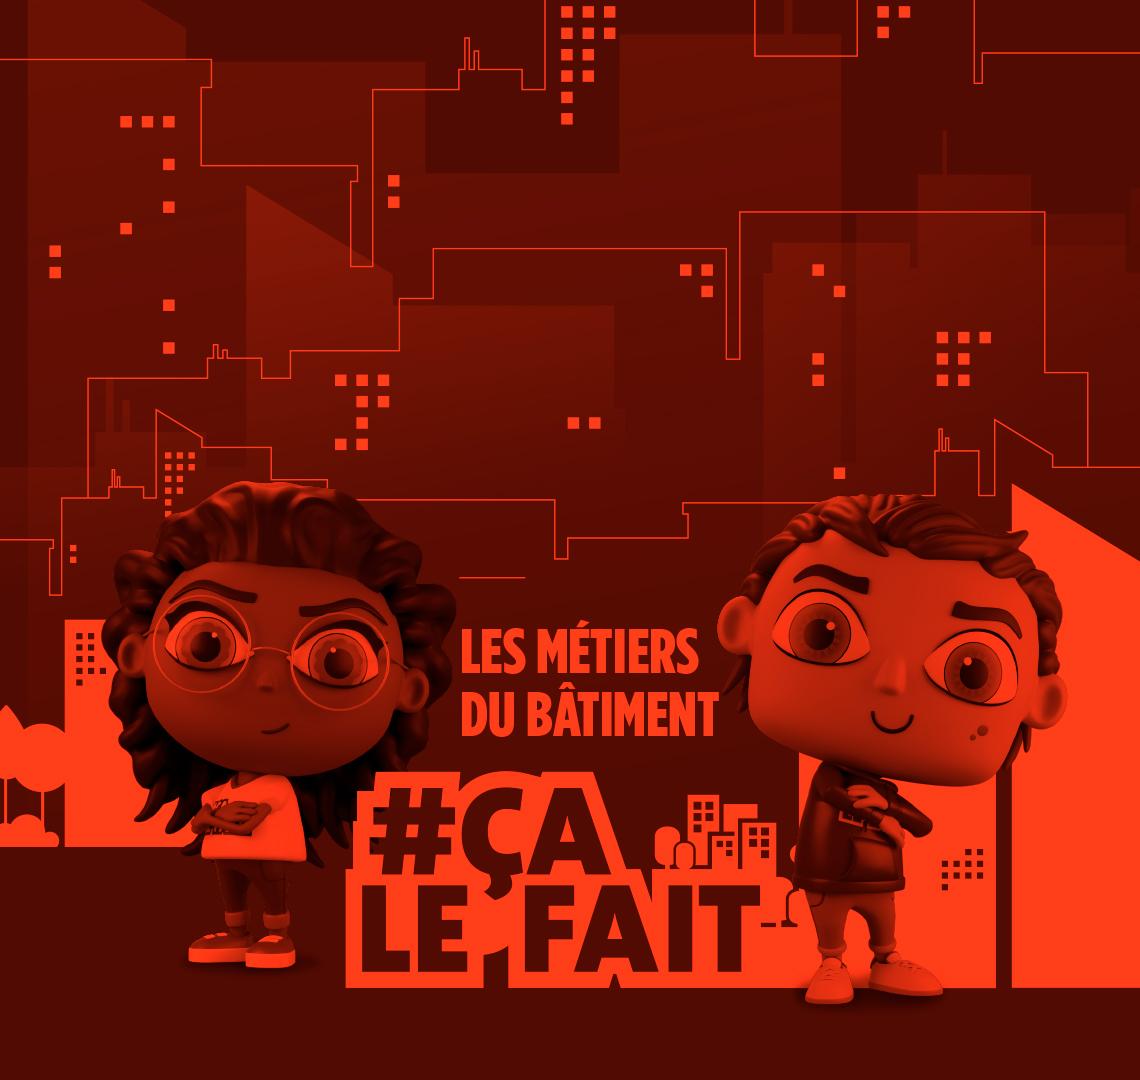 _FFB_CALEFAIT_VIGNETTE